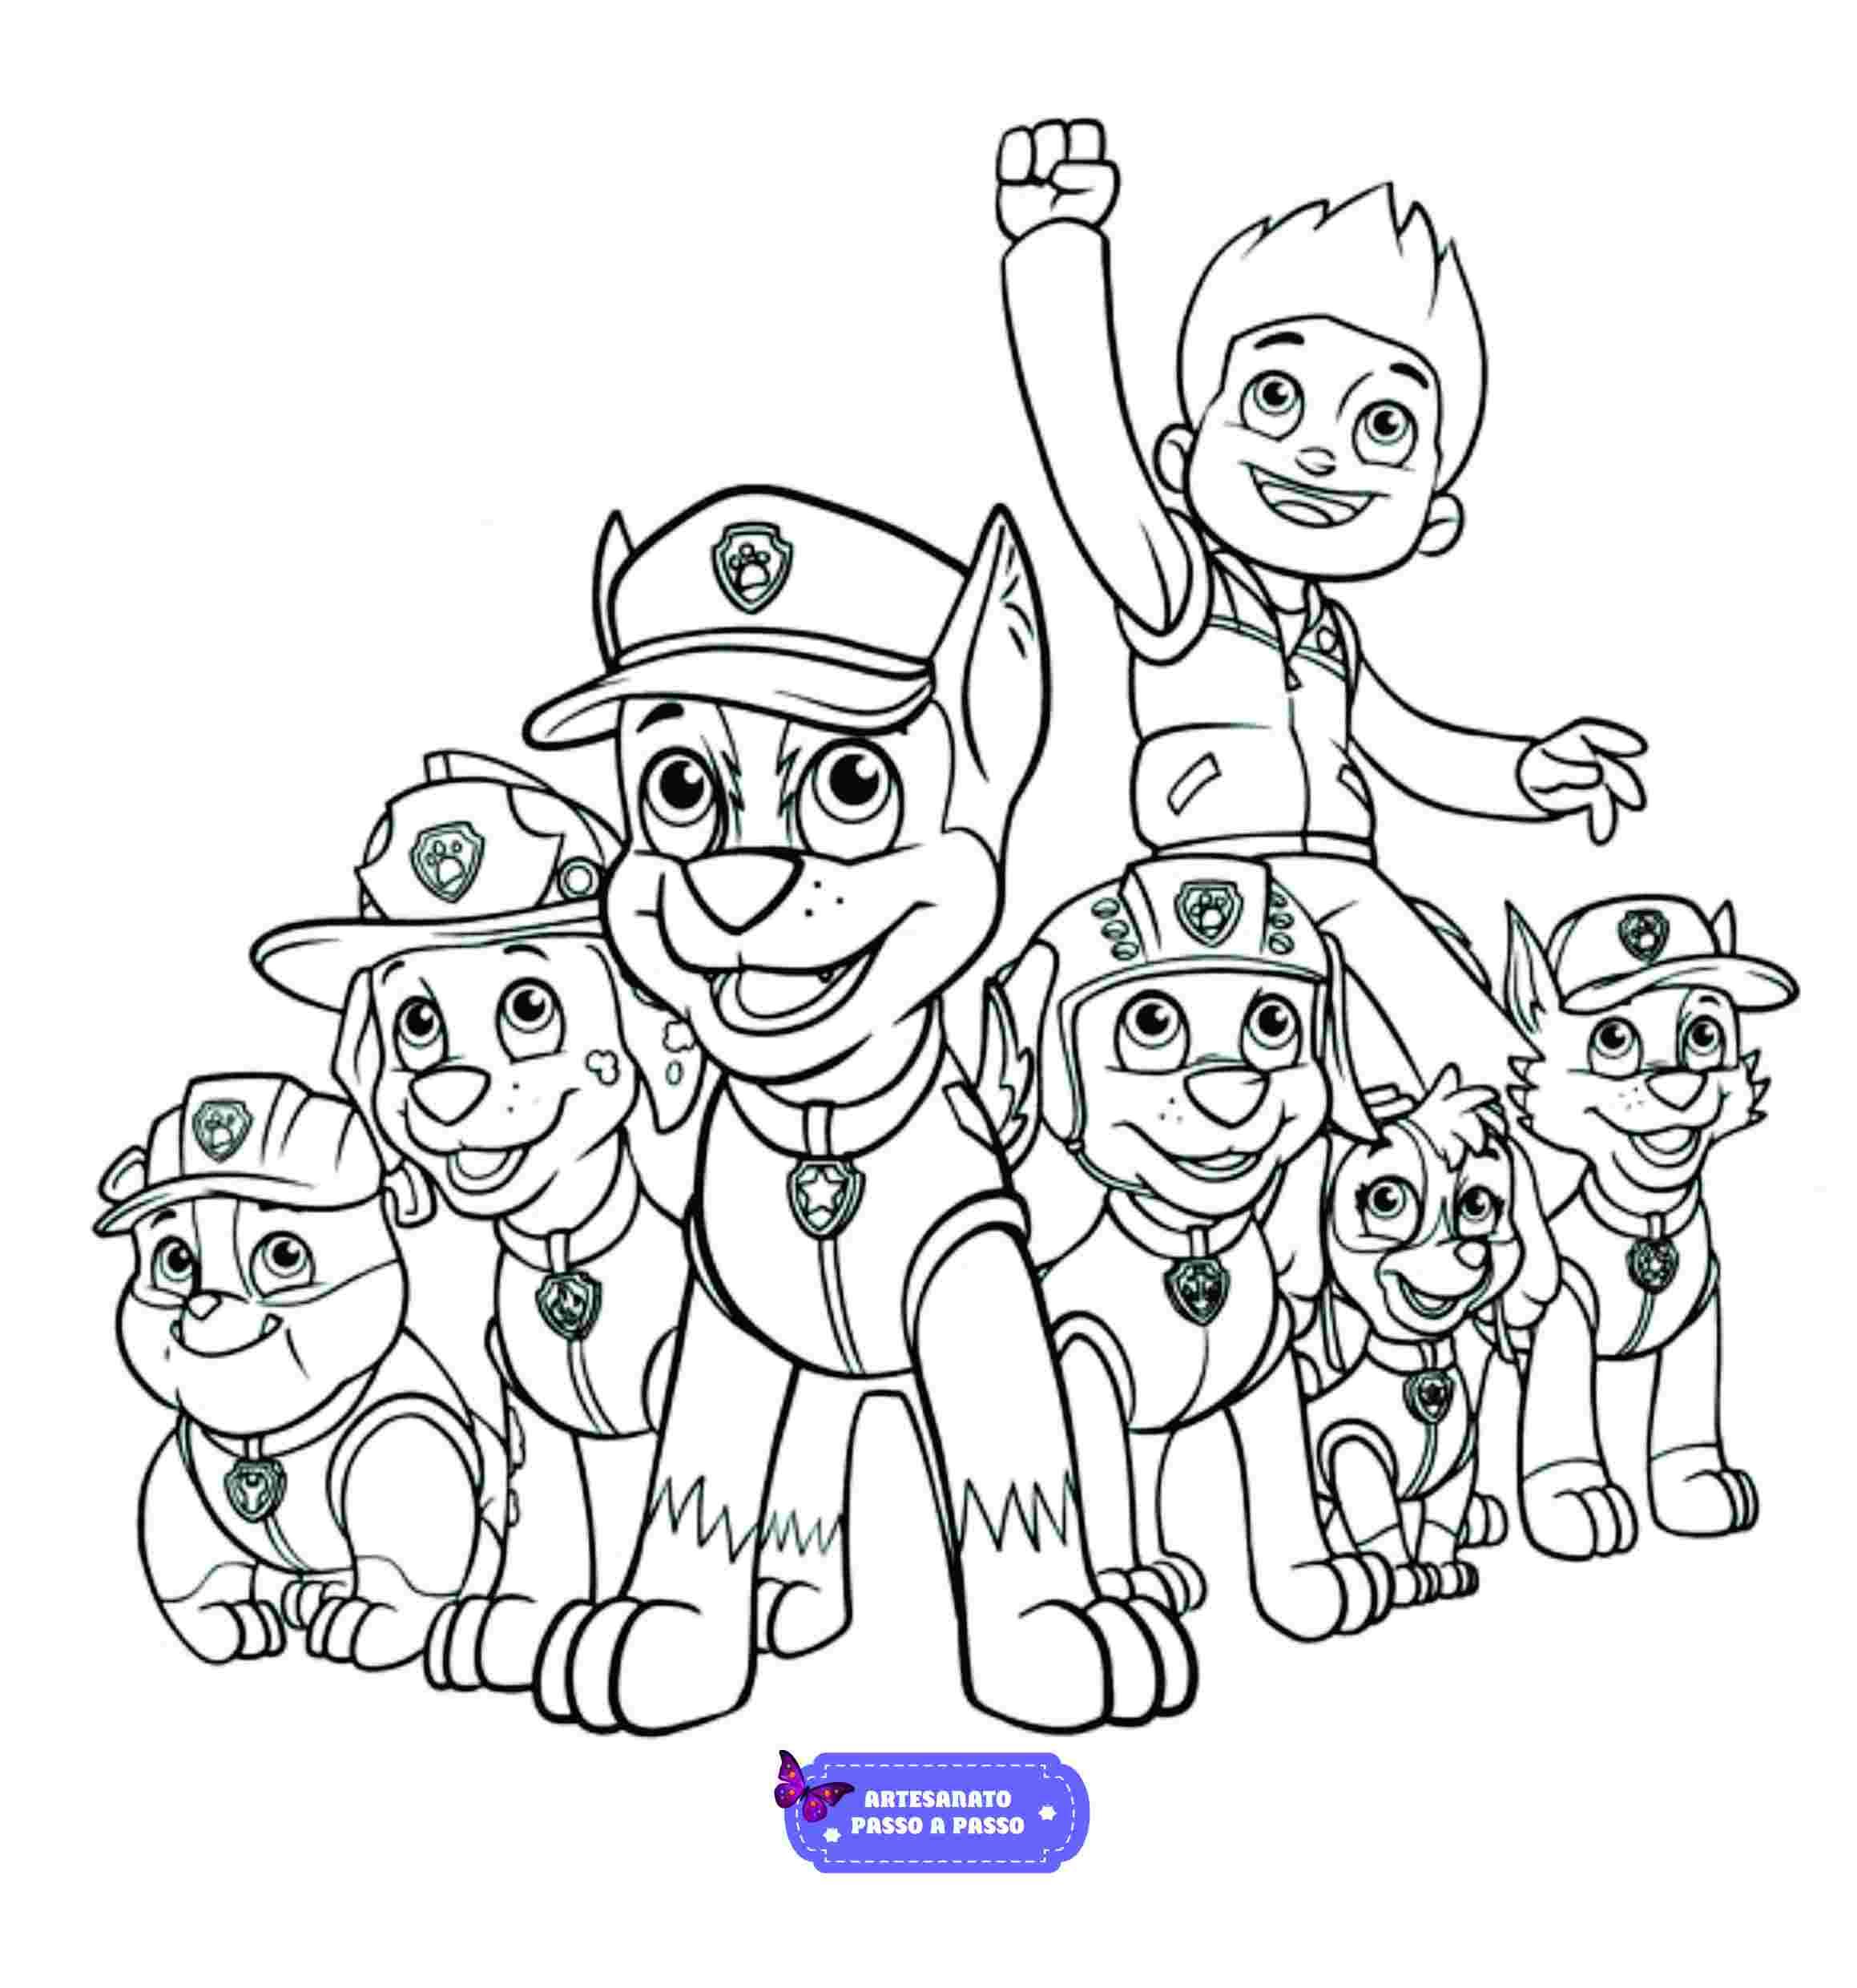 Desenho Da Patrulha Canina Para Colorir Artesanato Passo A Passo